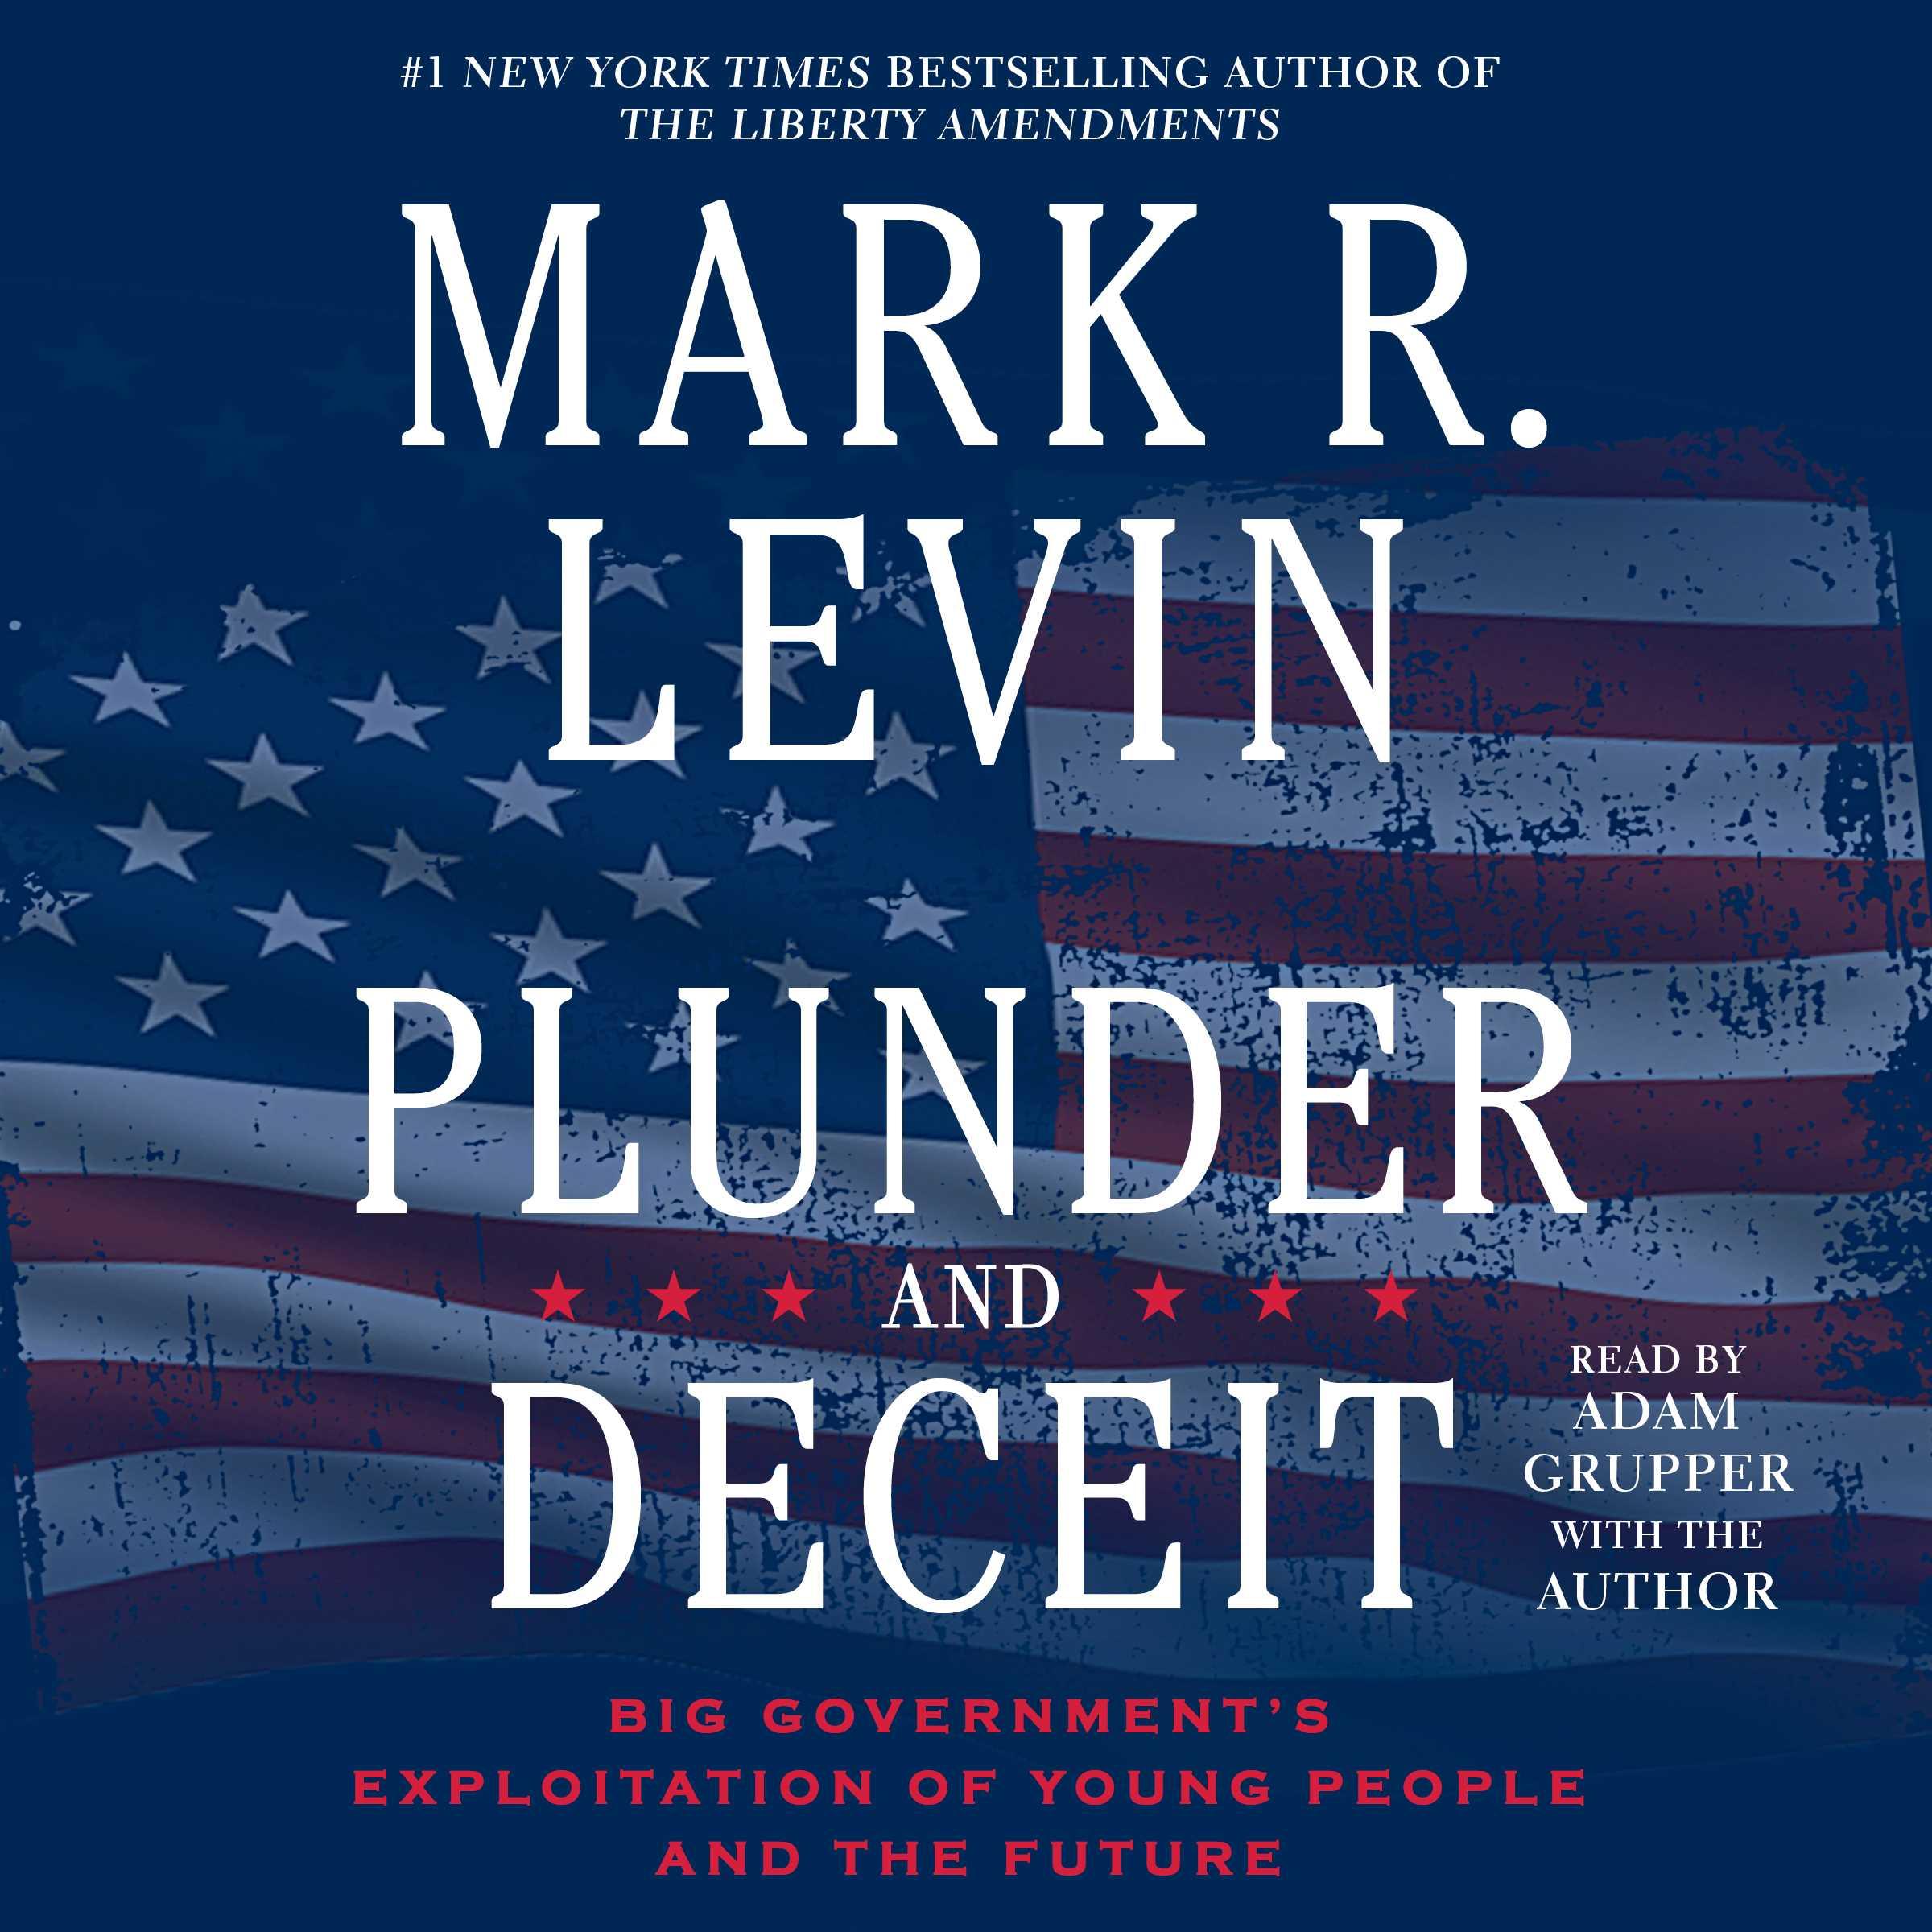 Plunder and deceit 9781442390850 hr